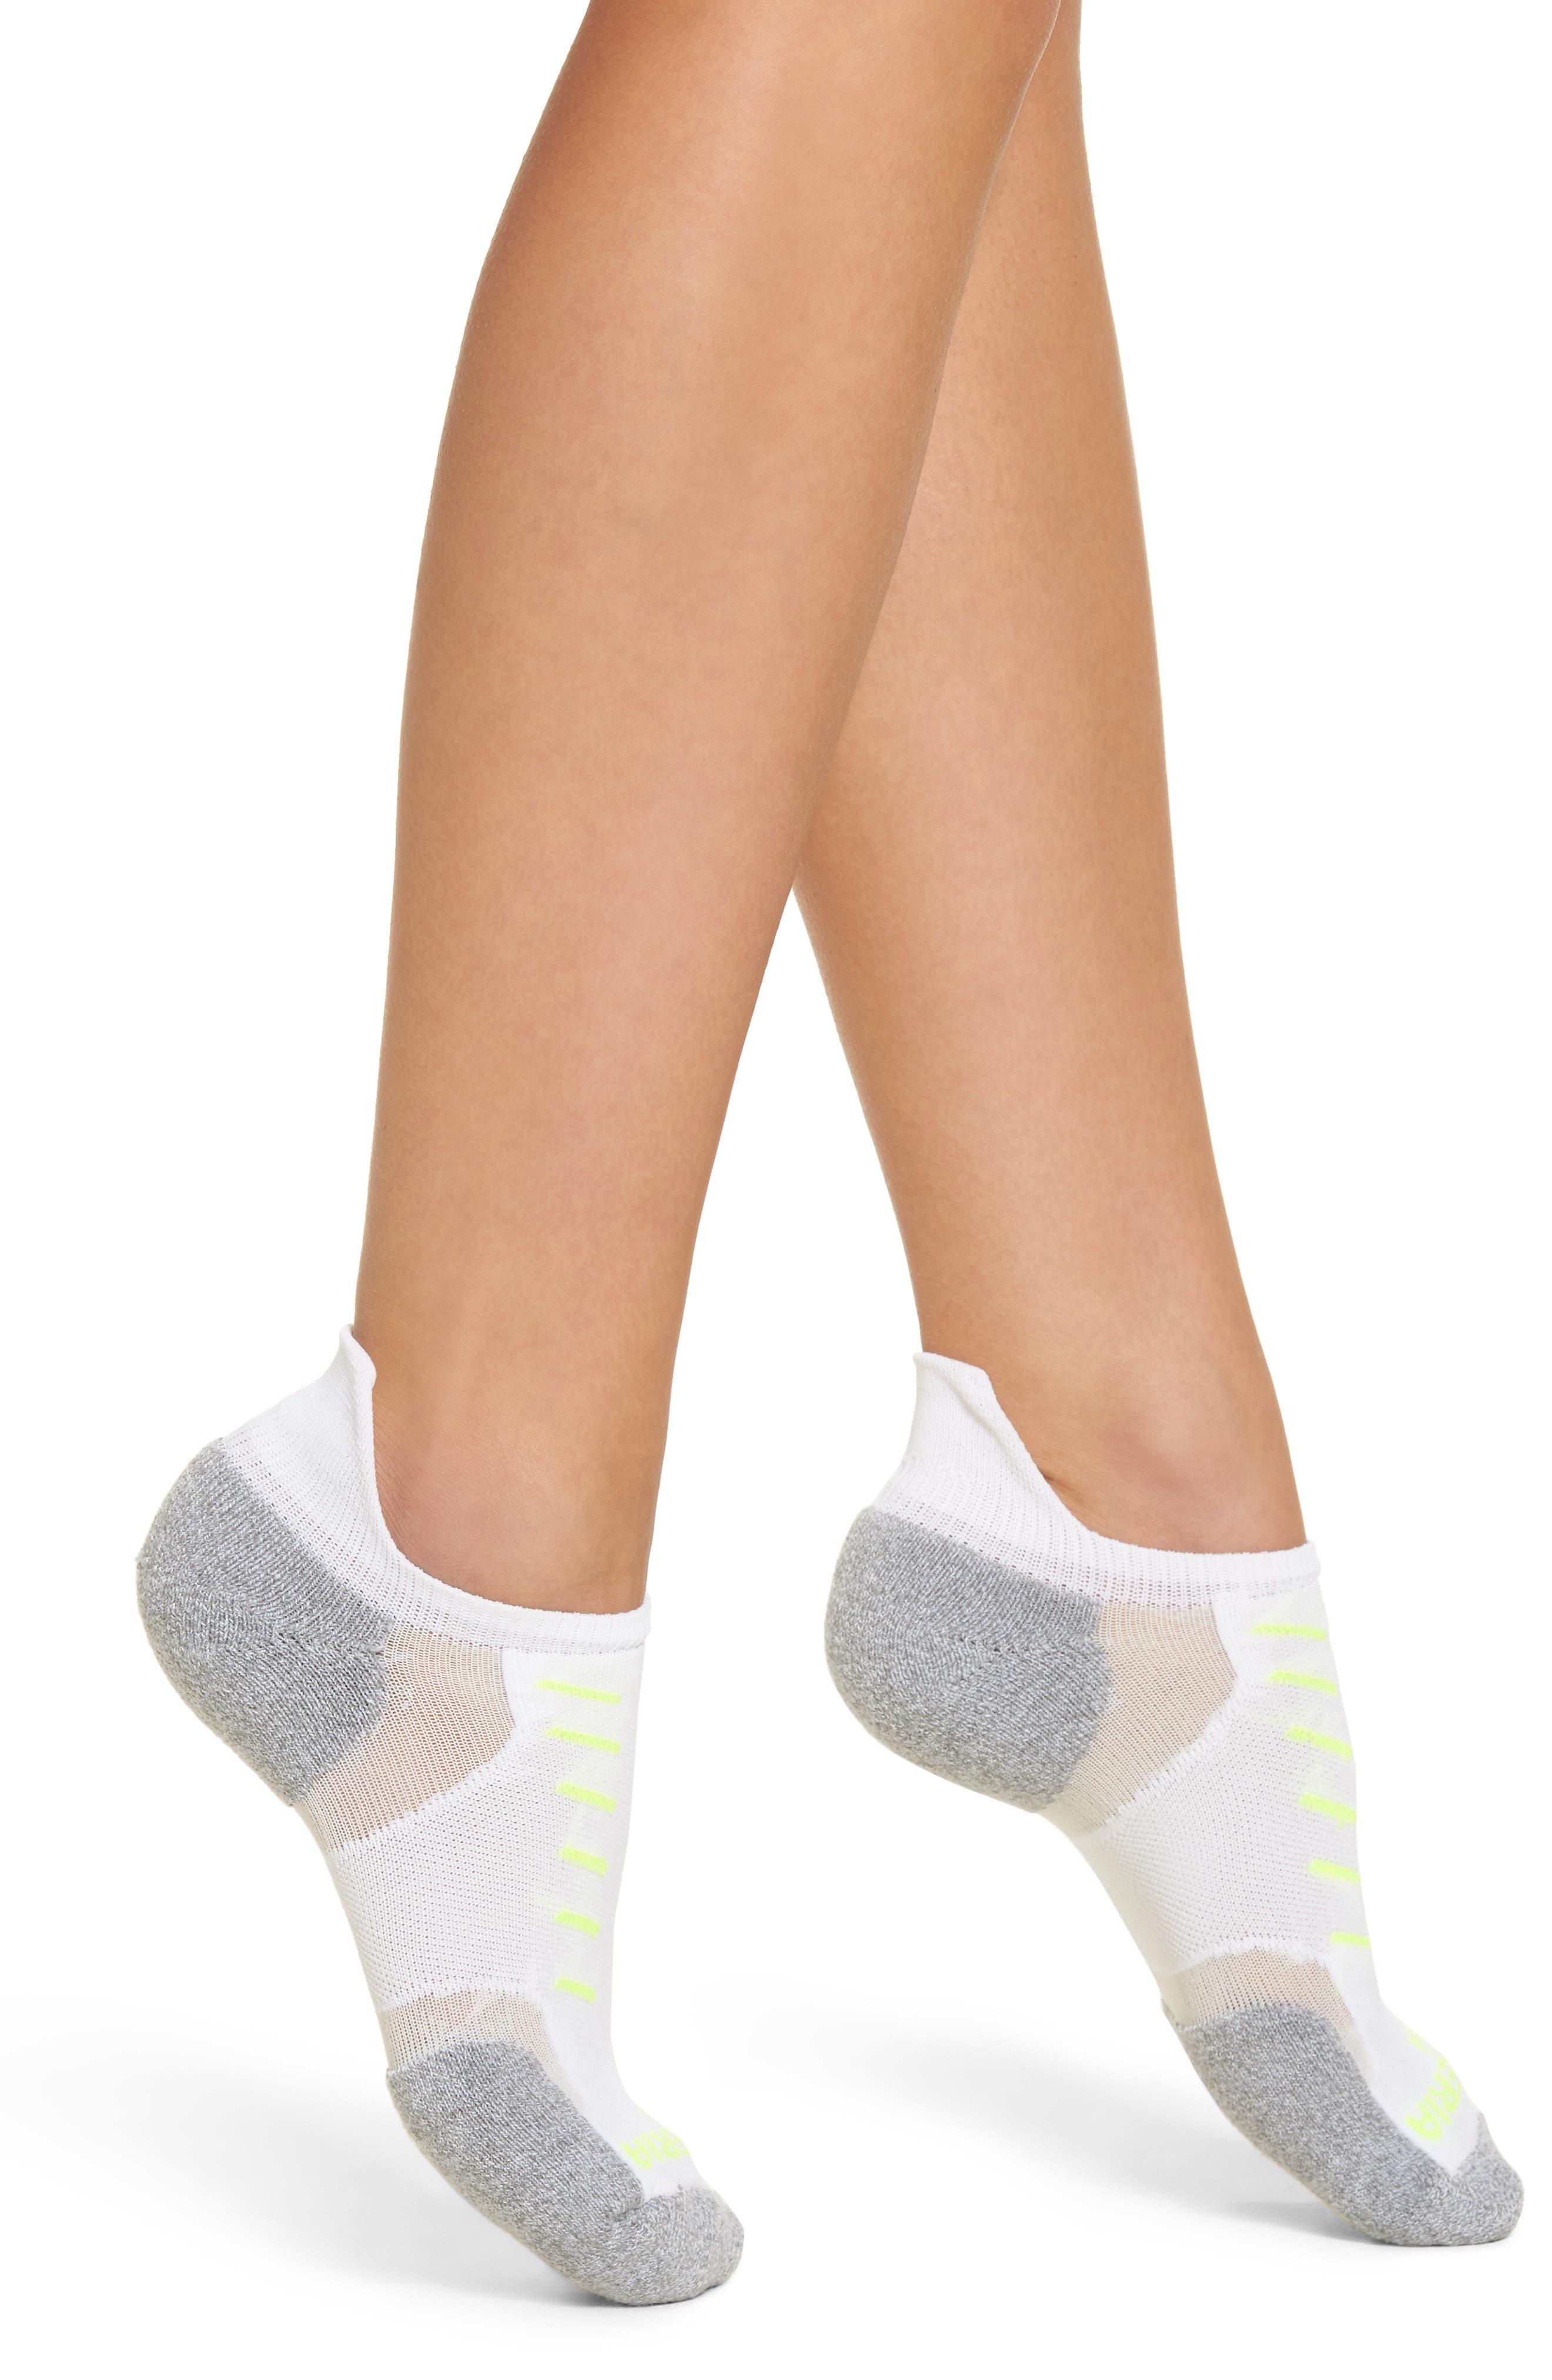 Thorlo Experia® No-Show Running Socks